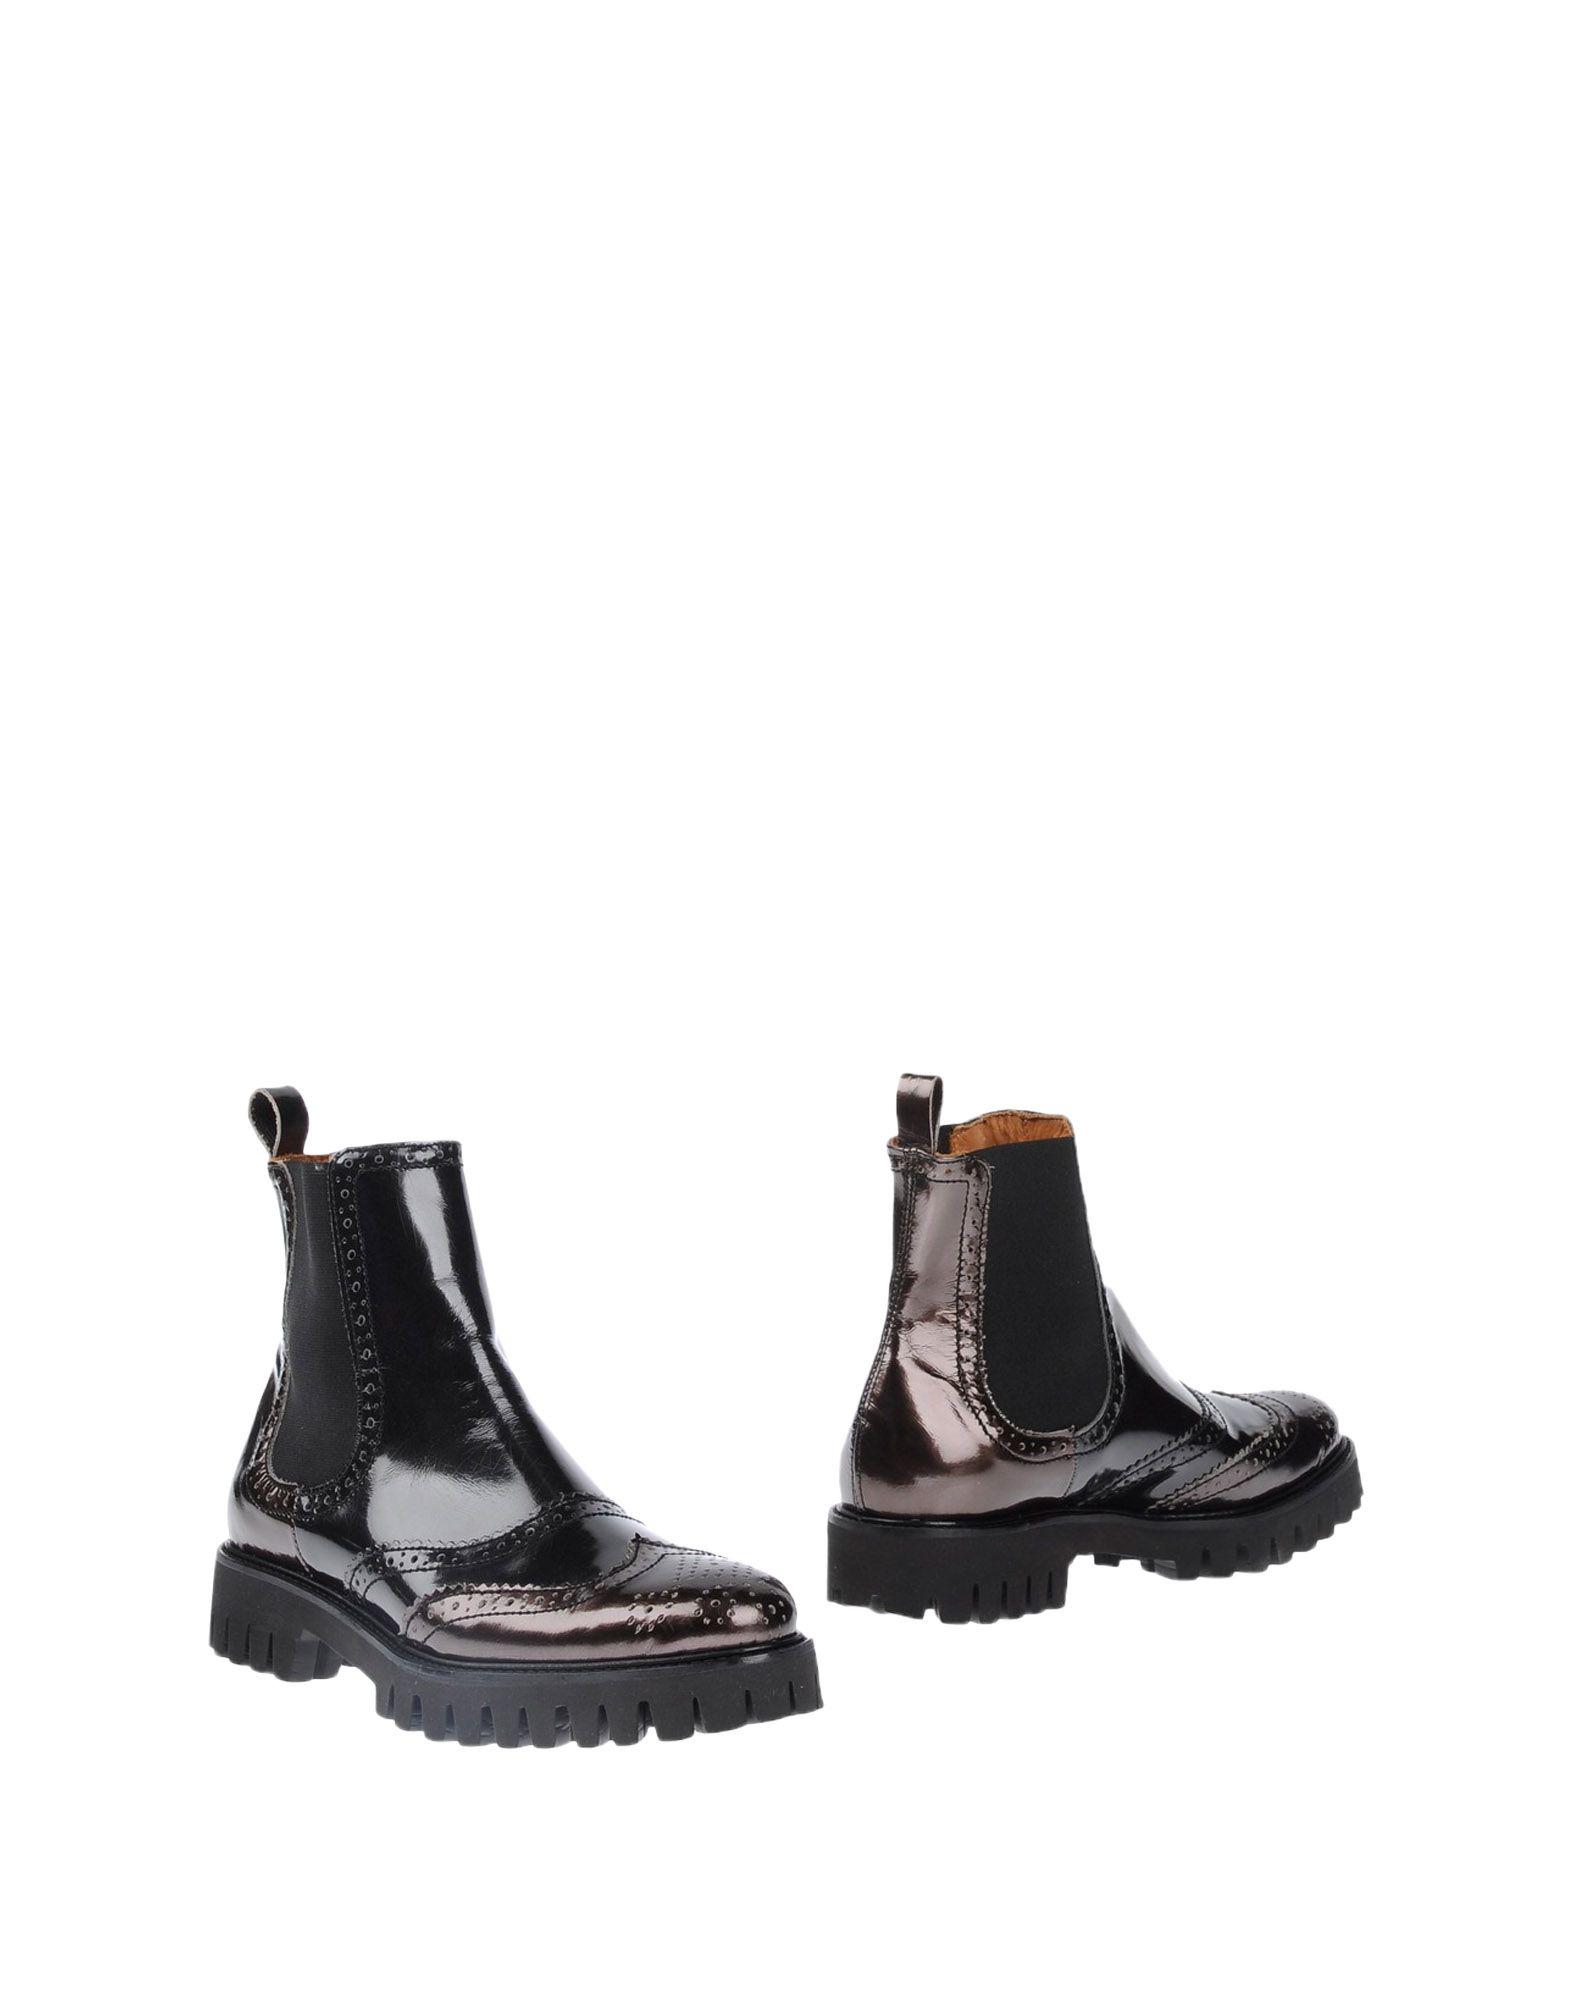 Gut um Boots billige Schuhe zu tragenCatarina Martins Chelsea Boots um Damen  11041556LQ 57fe5a